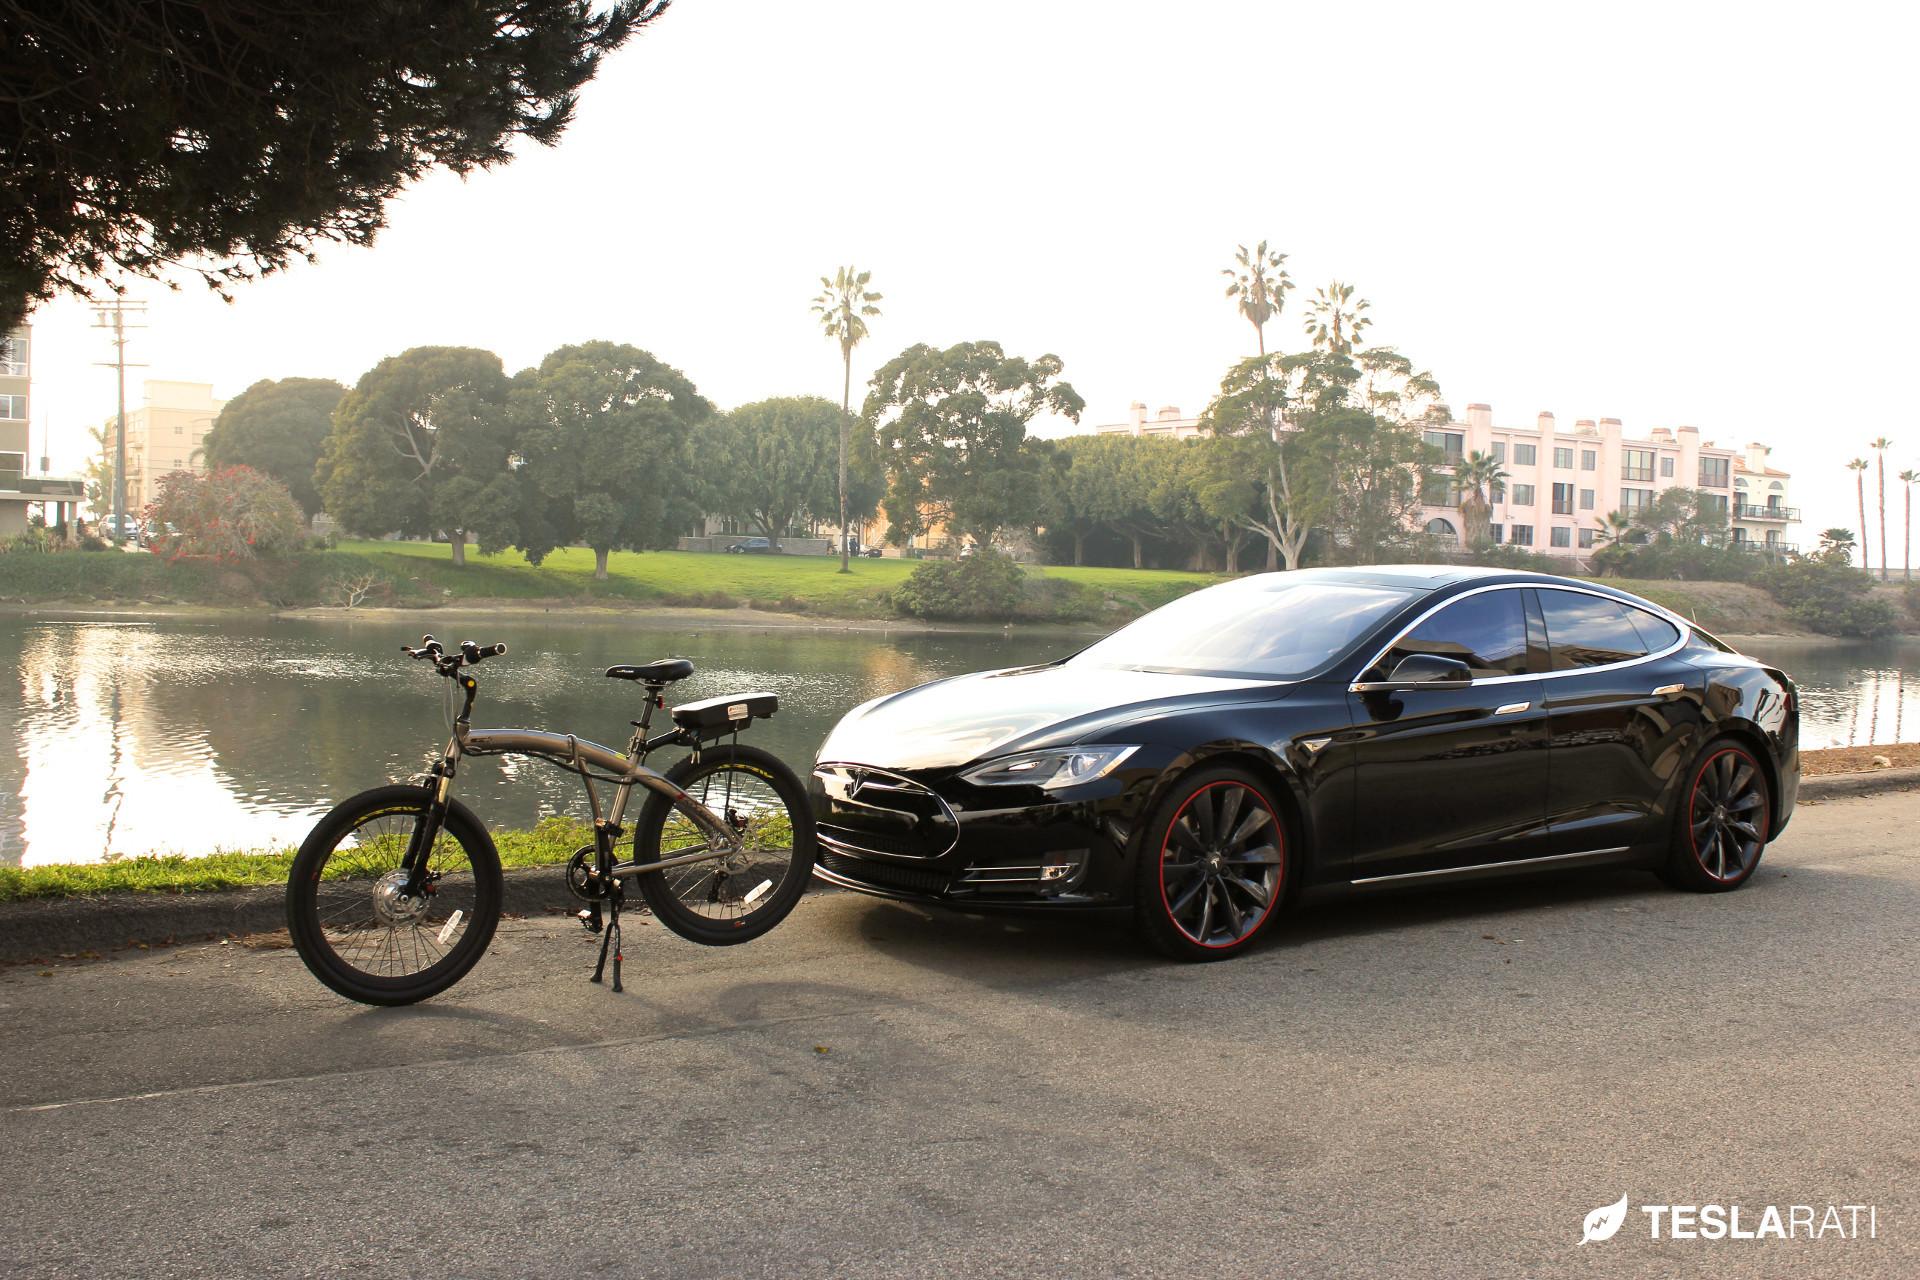 Tesla Bike Tesla Image